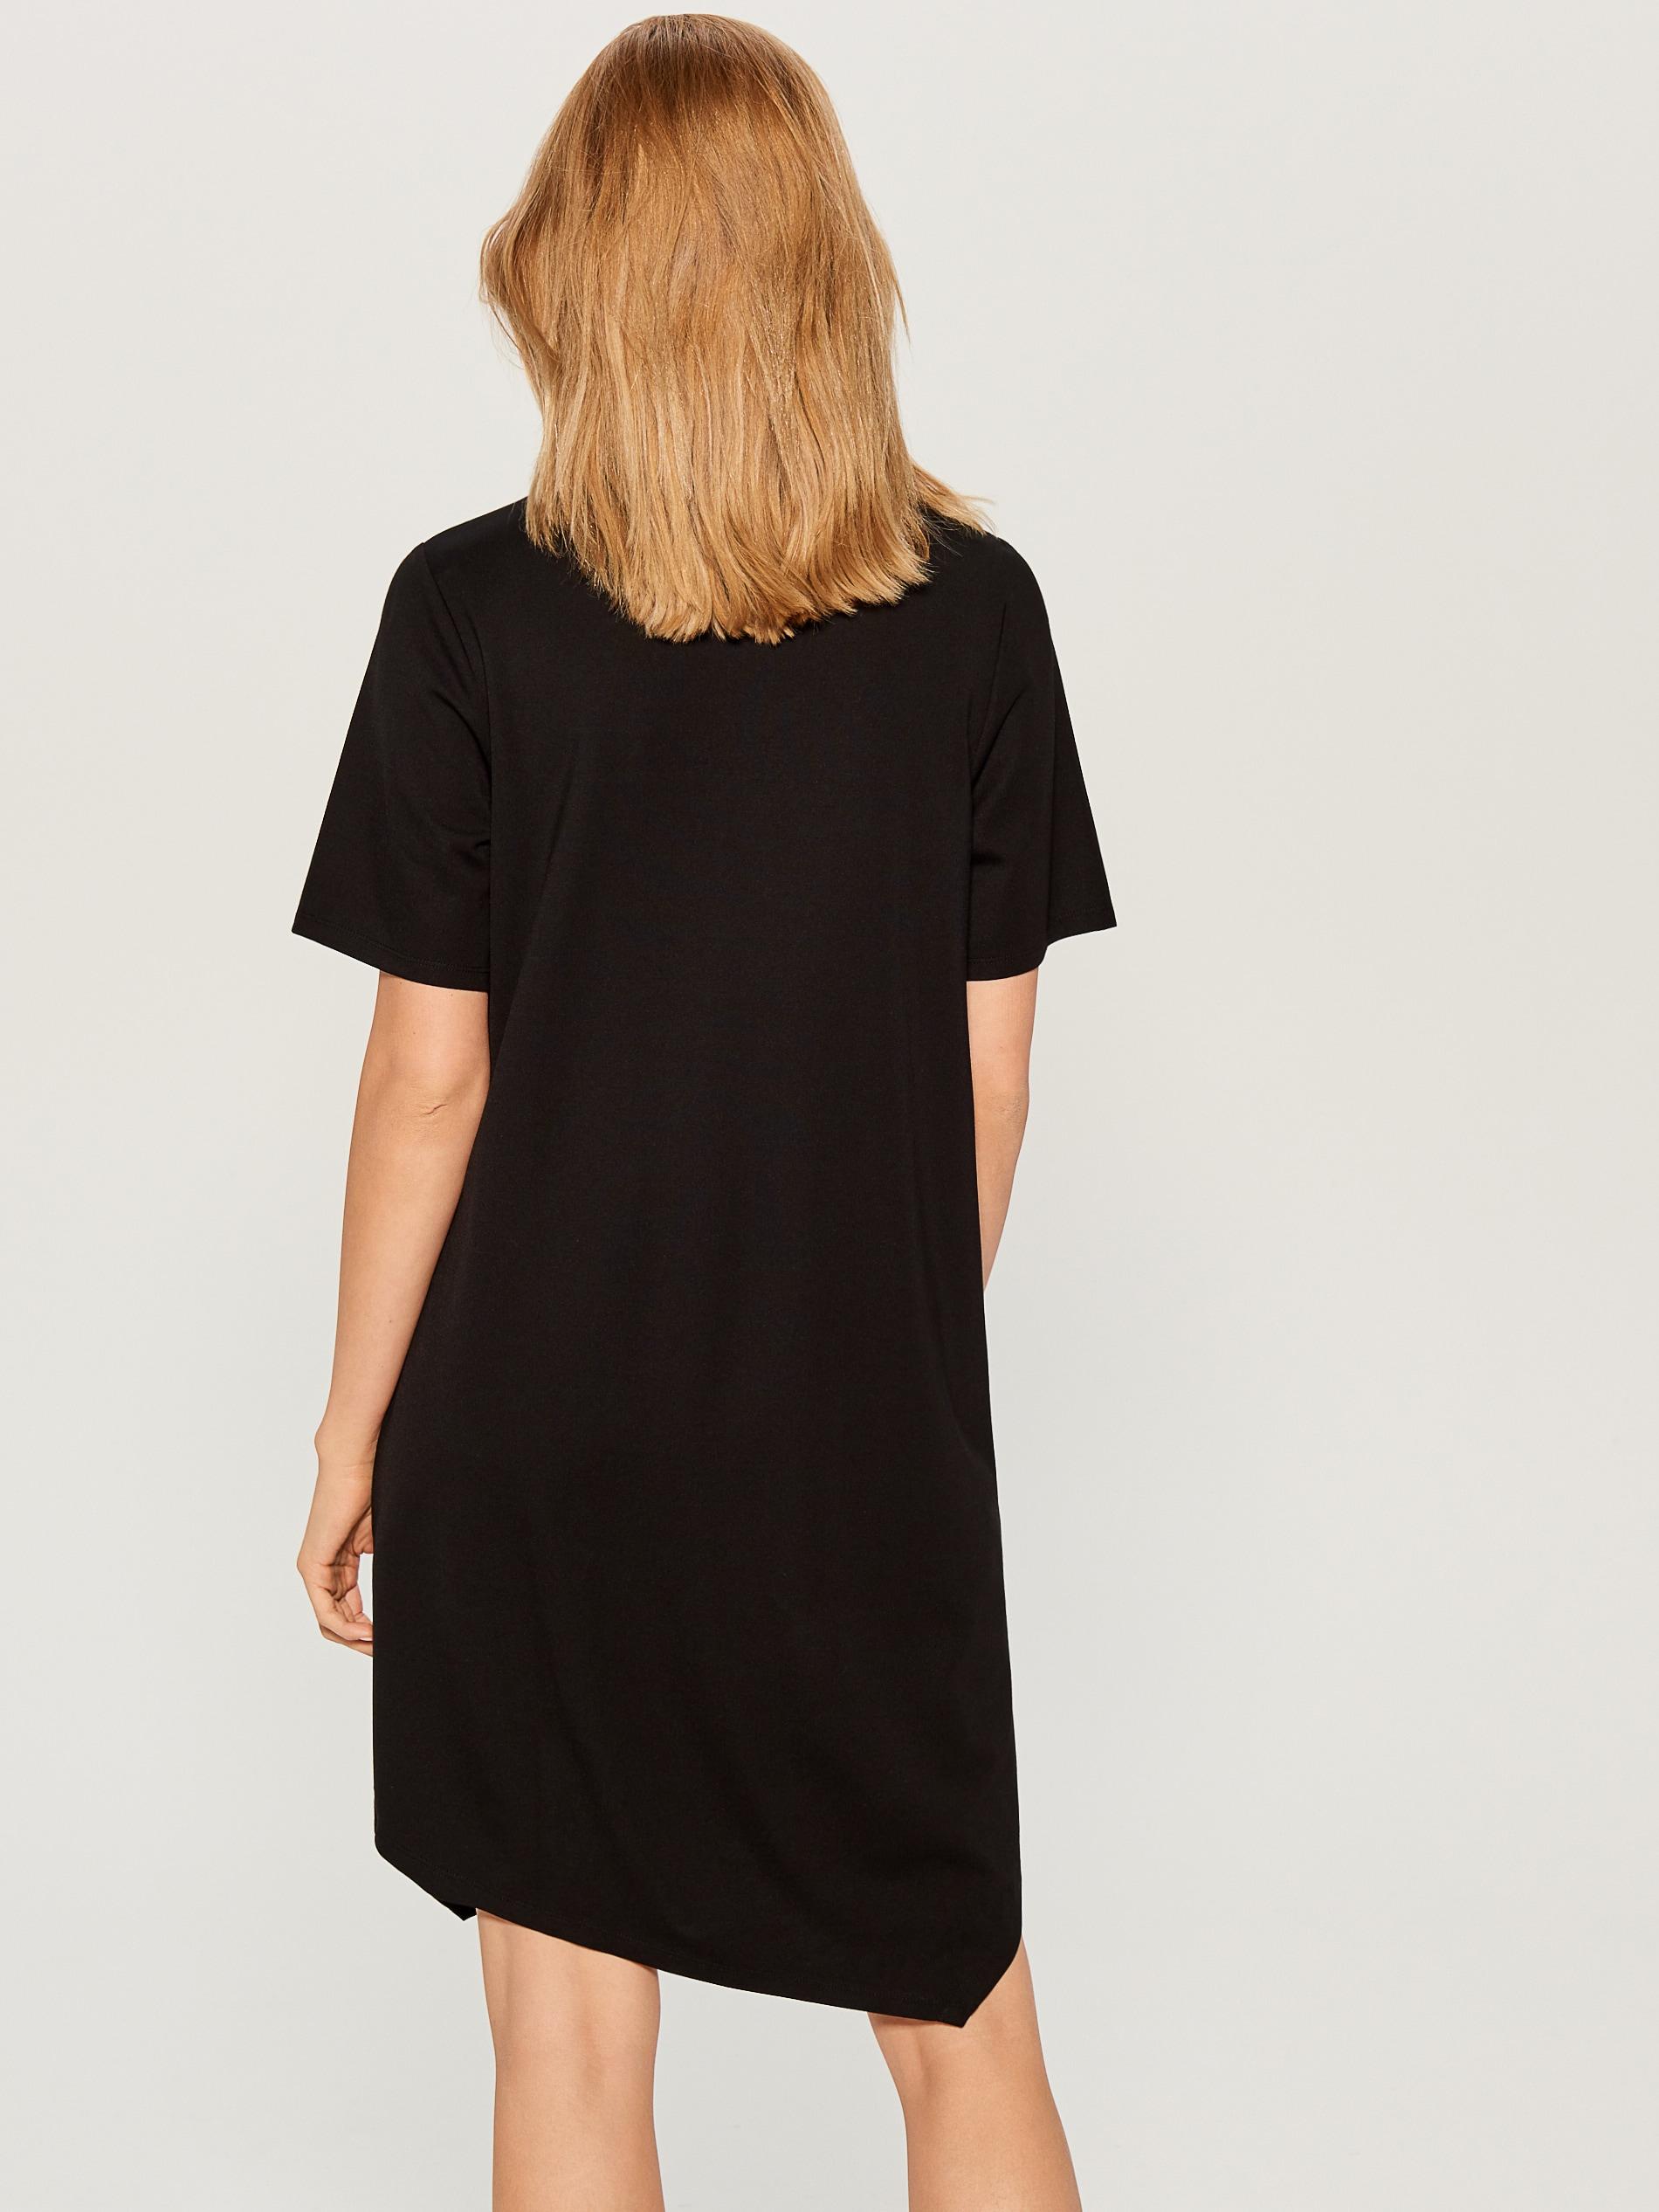 Asymetrické šaty s potiskem - černý - VS334-99X - Mohito - 3 c450b9730f3